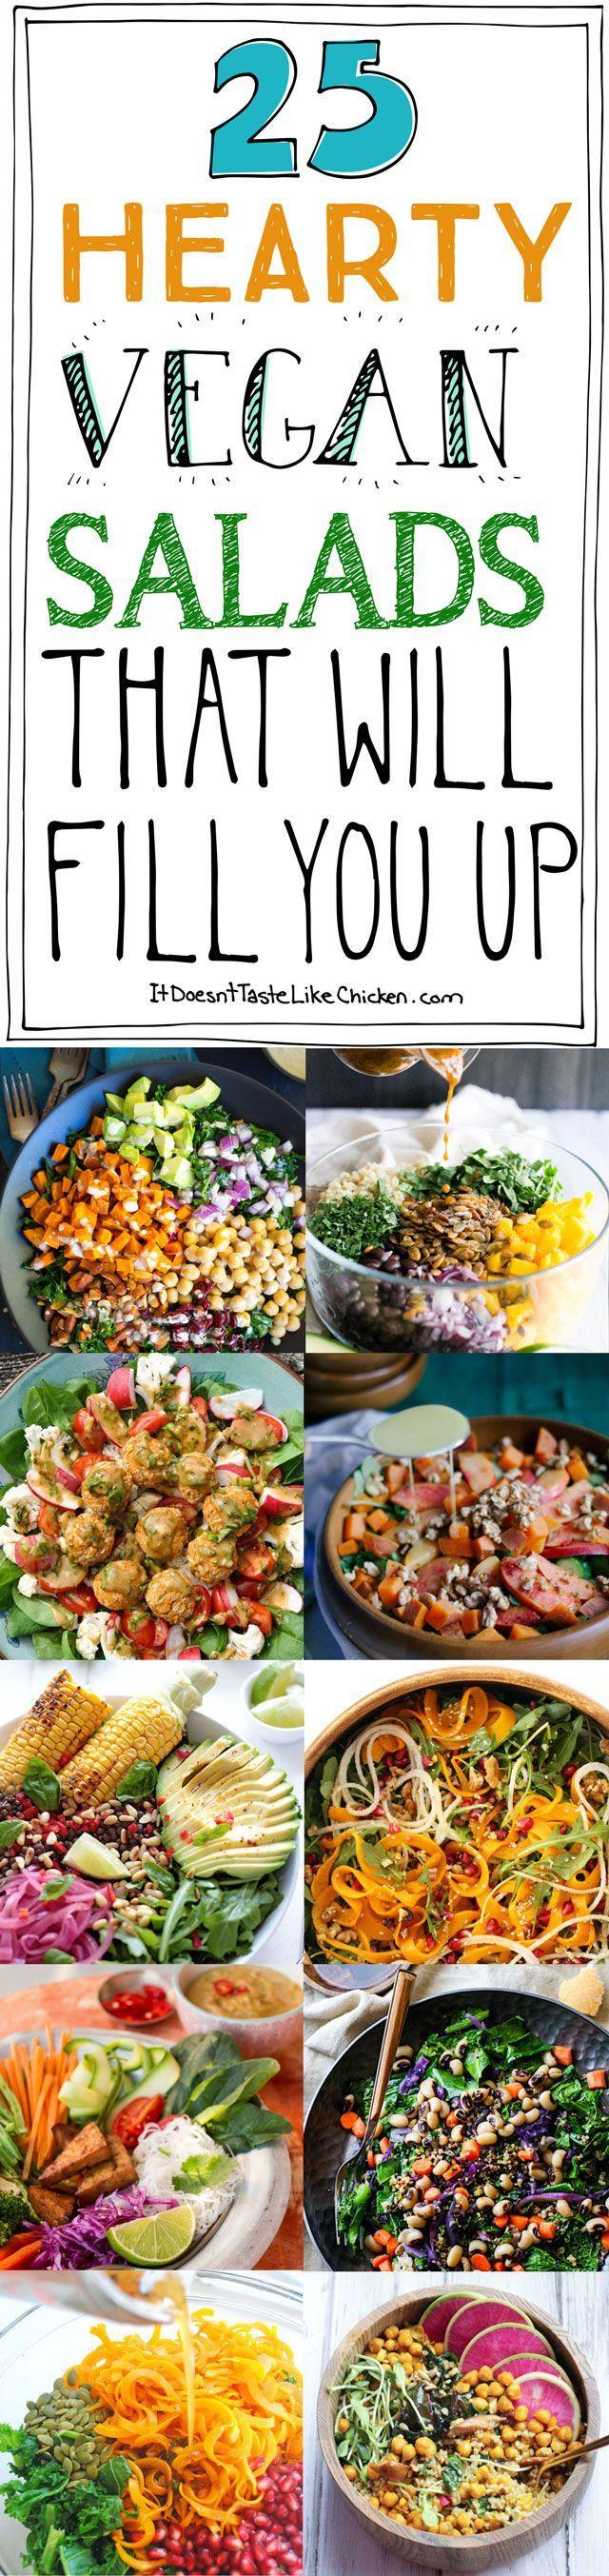 25 Hearty Vegan Salads That Will Fill You Up! Ich brauche immer was sättigendes und irgendwie befriedigendes für laaaange Arbeitstage. Die Bilder sehen vielversprechend aus.